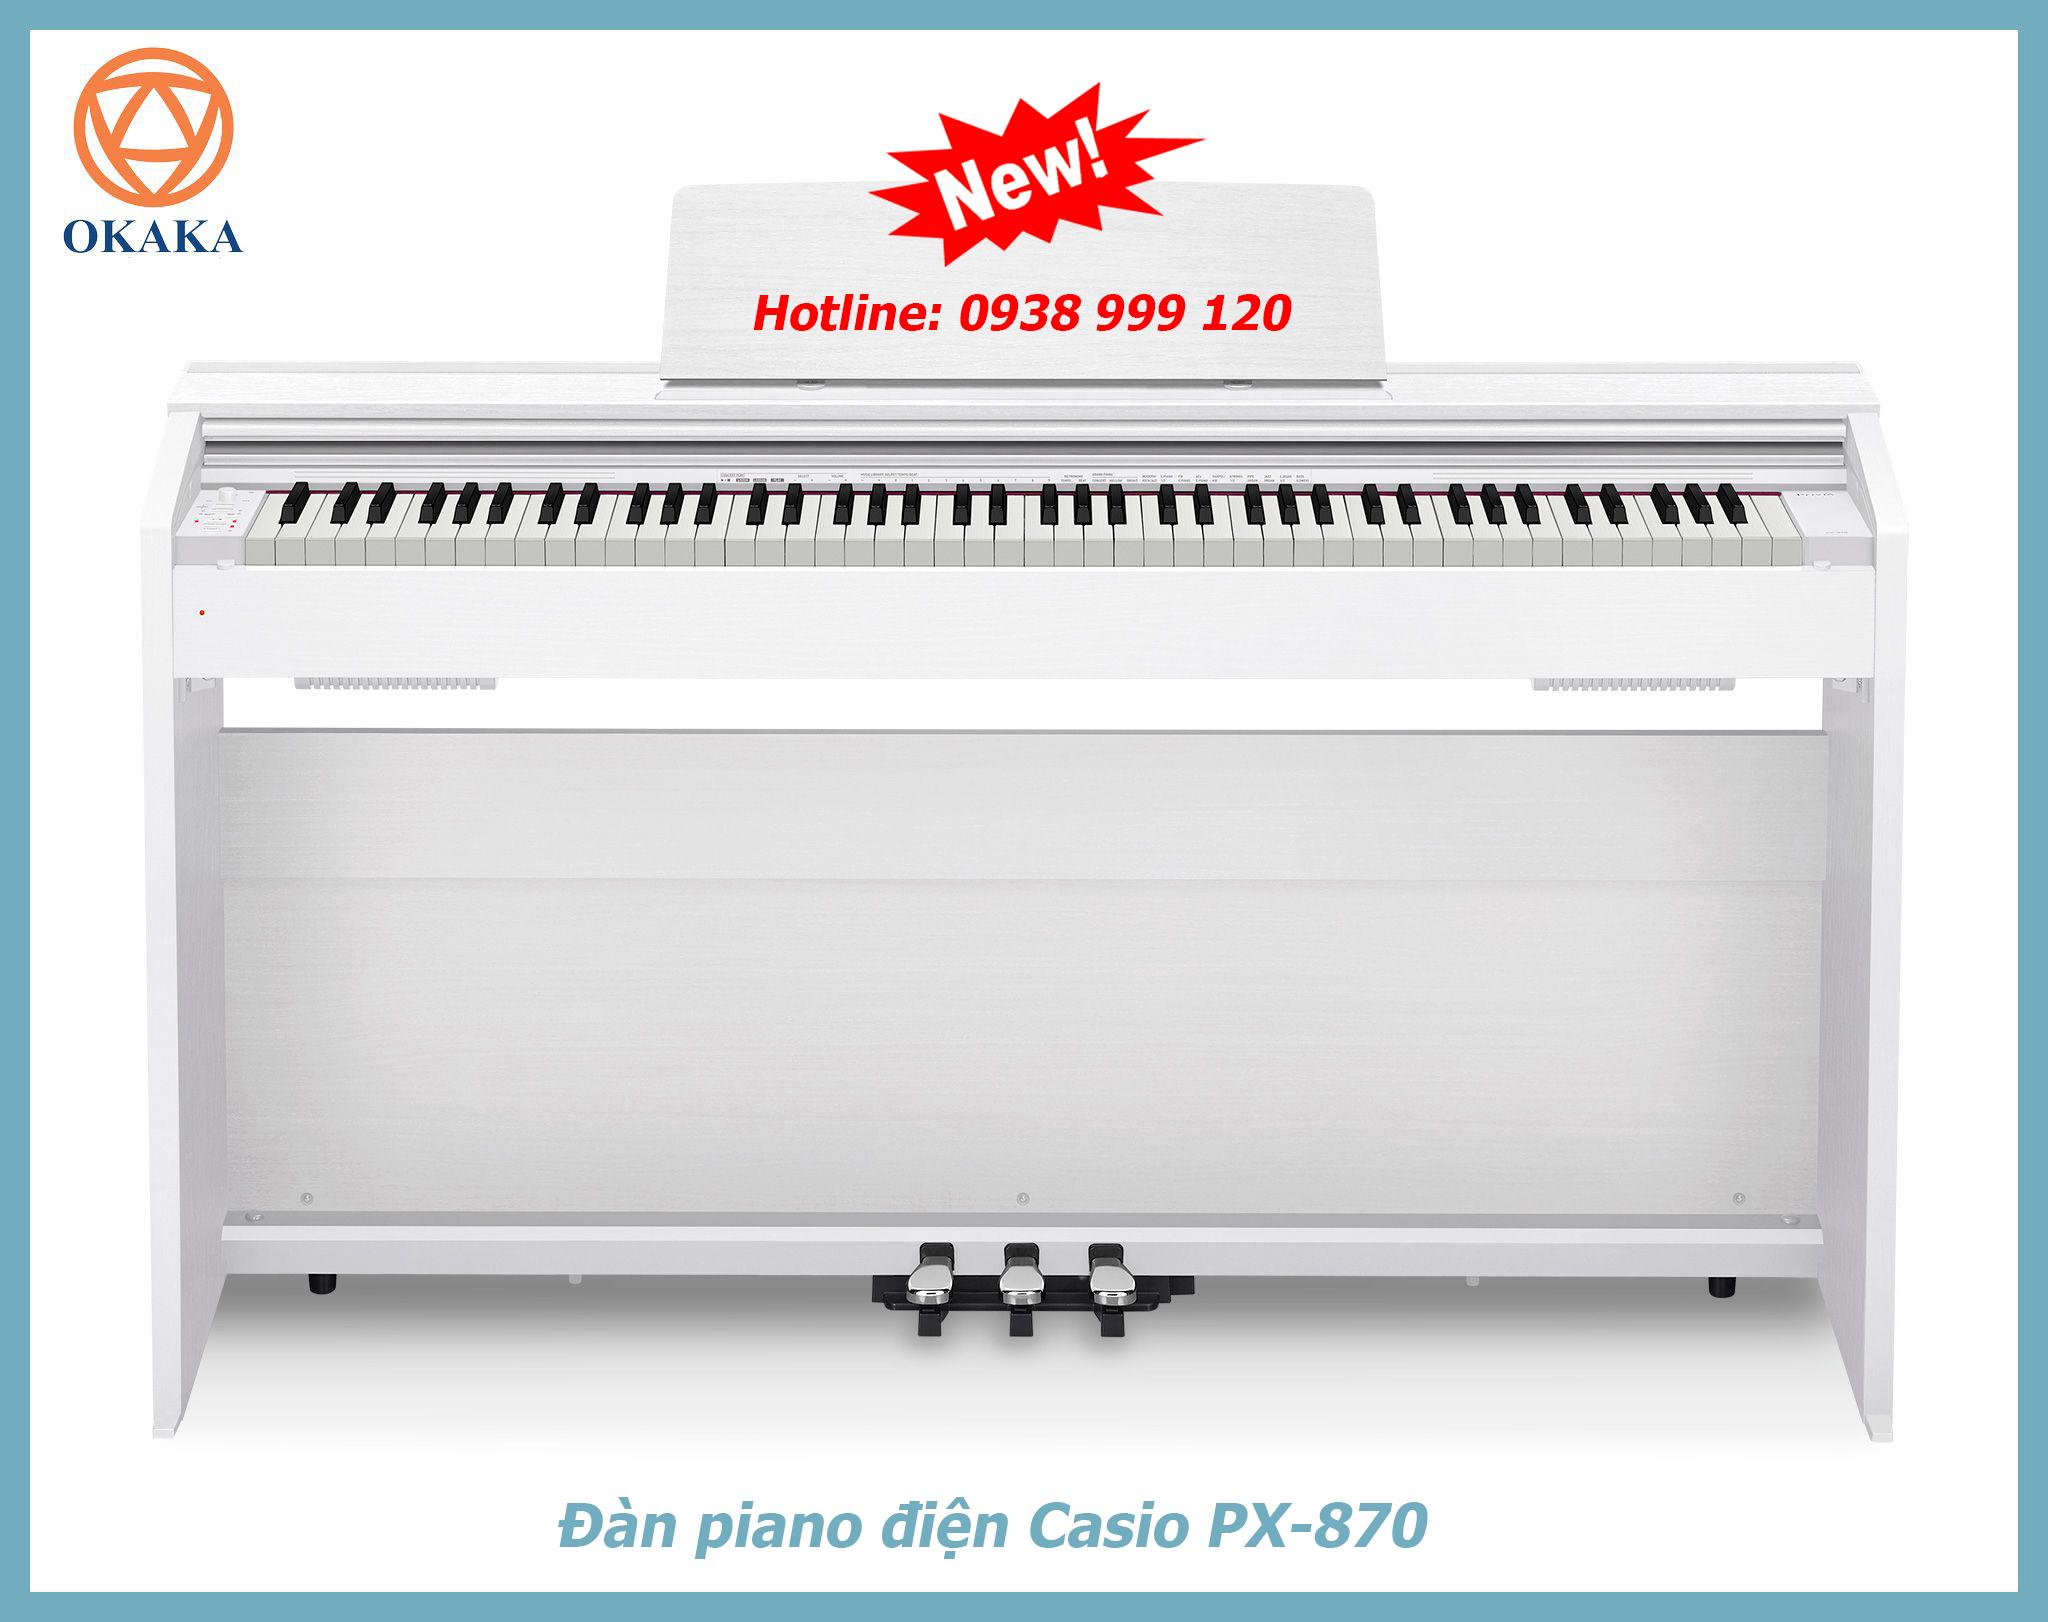 Tháng 9 năm 2017, Casio đã phát hành phiên bản mới nhất của dòng đàn piano điện Privia, đó là model PX-870. Được chế tạo dựa trên model có độ tin cậy và chất lượng đã được chứng minh – PX-860, đàn piano điện Casio PX-870 càng tuyệt vời hơn khi có thể mang lại âm thanh và cảm giác của một cây grand piano thật sự.